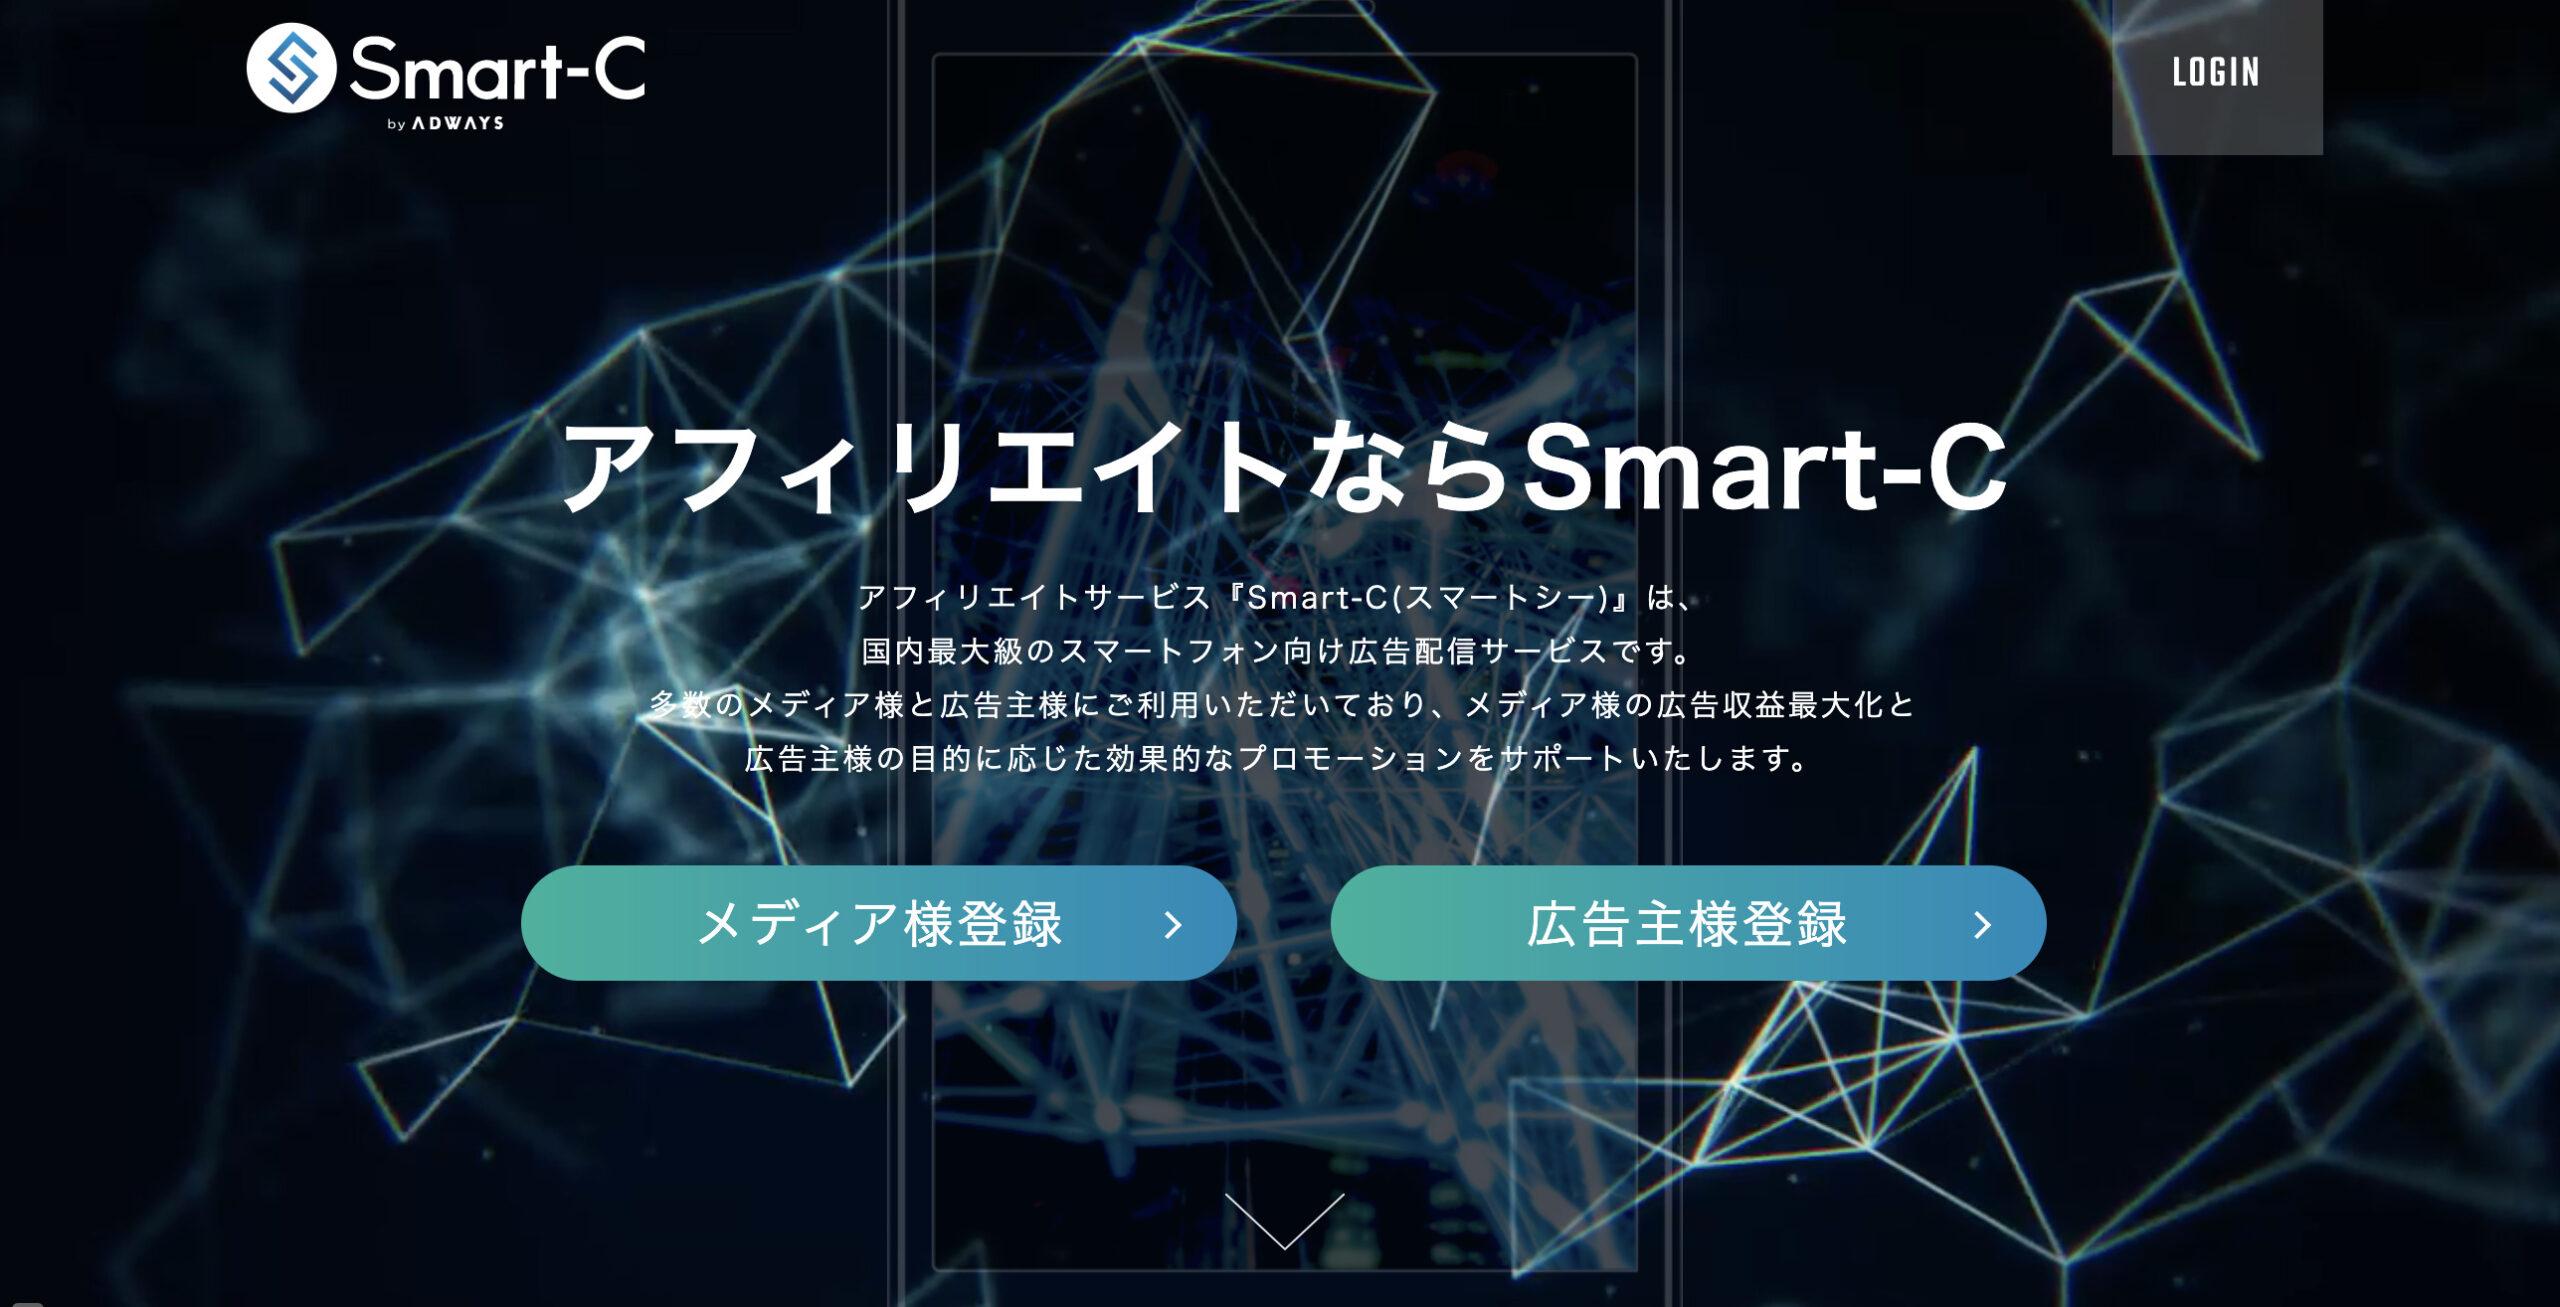 smart-c-top